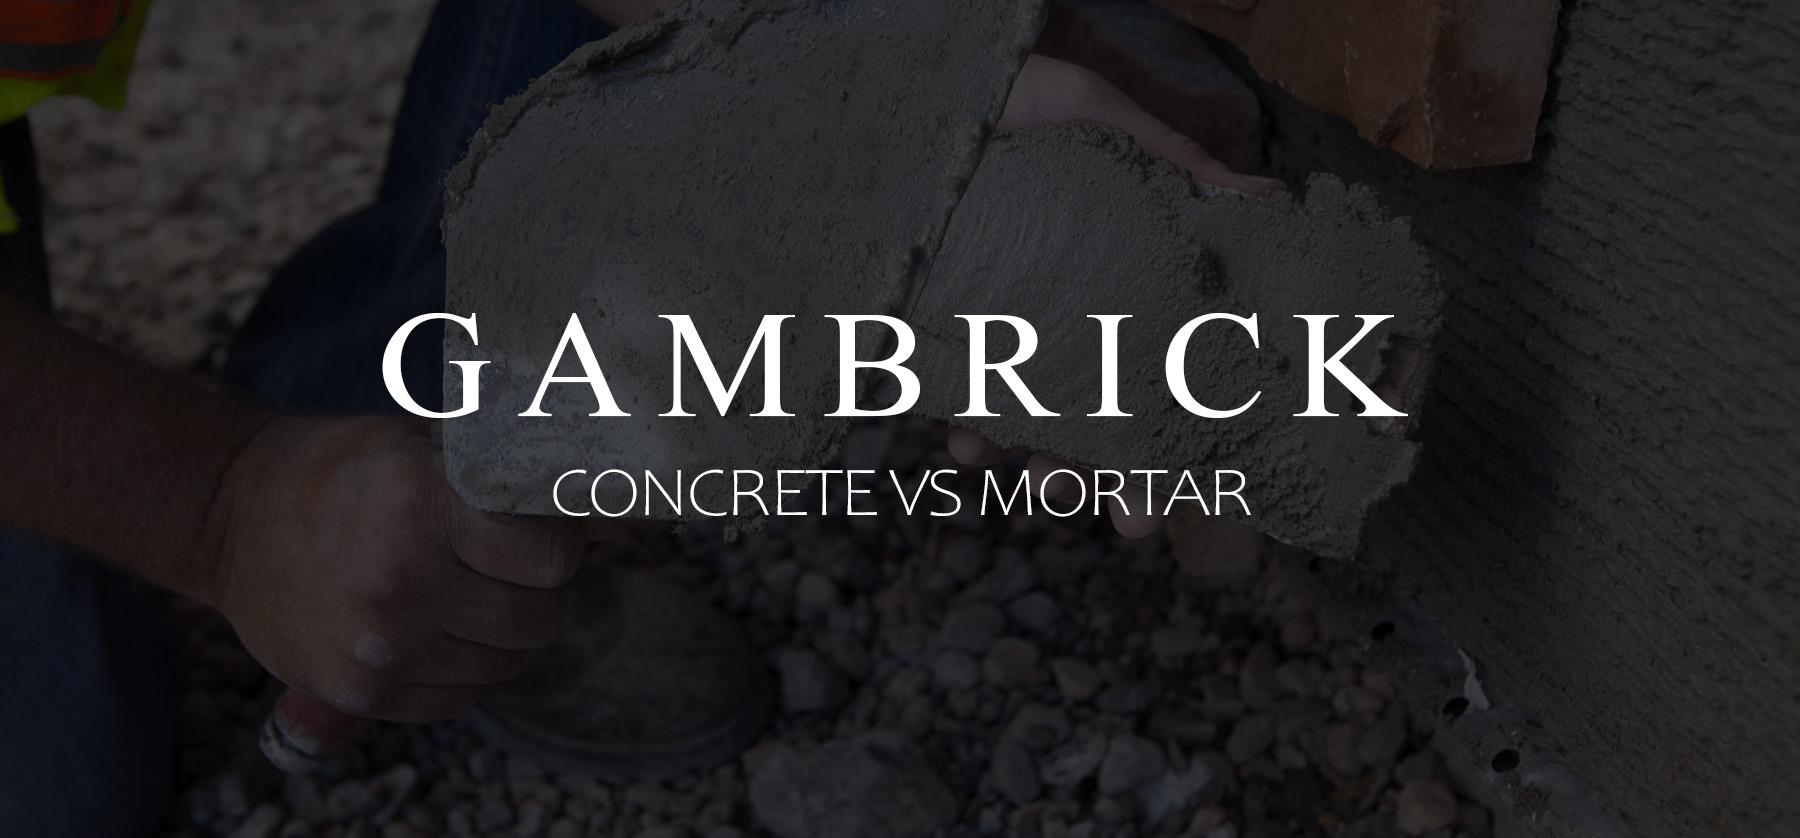 concrete vs mortar banner pic